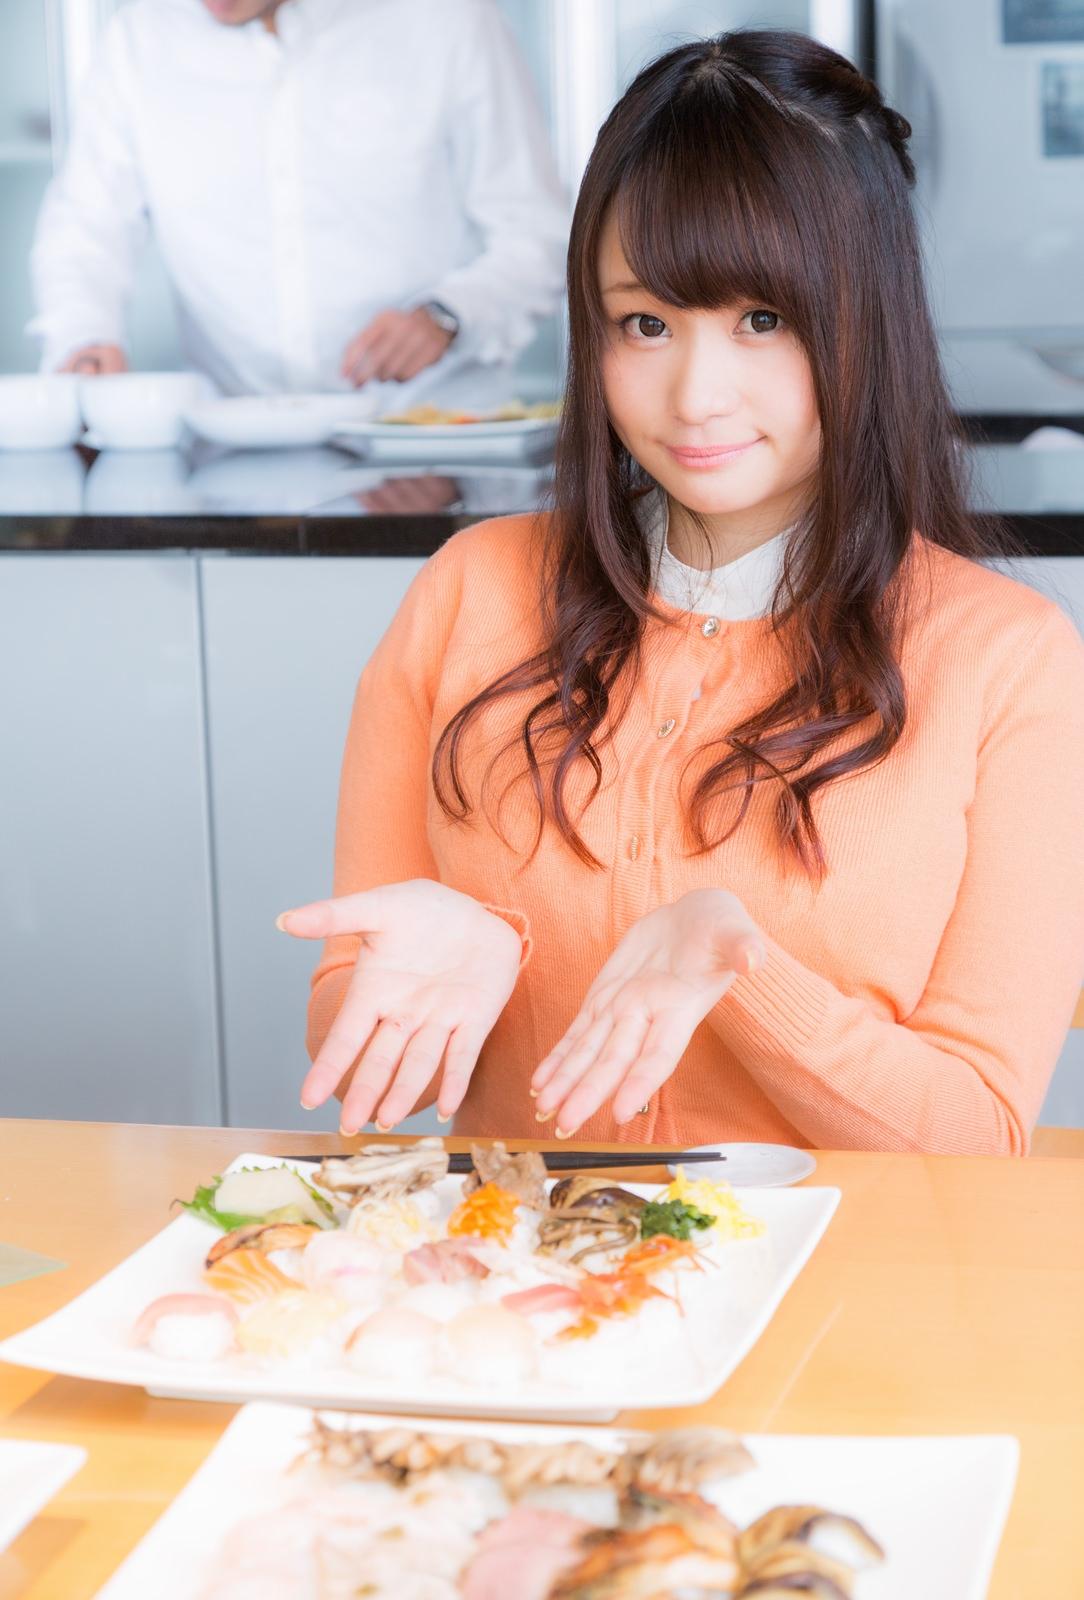 「こちらが本日のお料理です!」と紹介する食レポガール「こちらが本日のお料理です!」と紹介する食レポガール [モデル:茜さや]